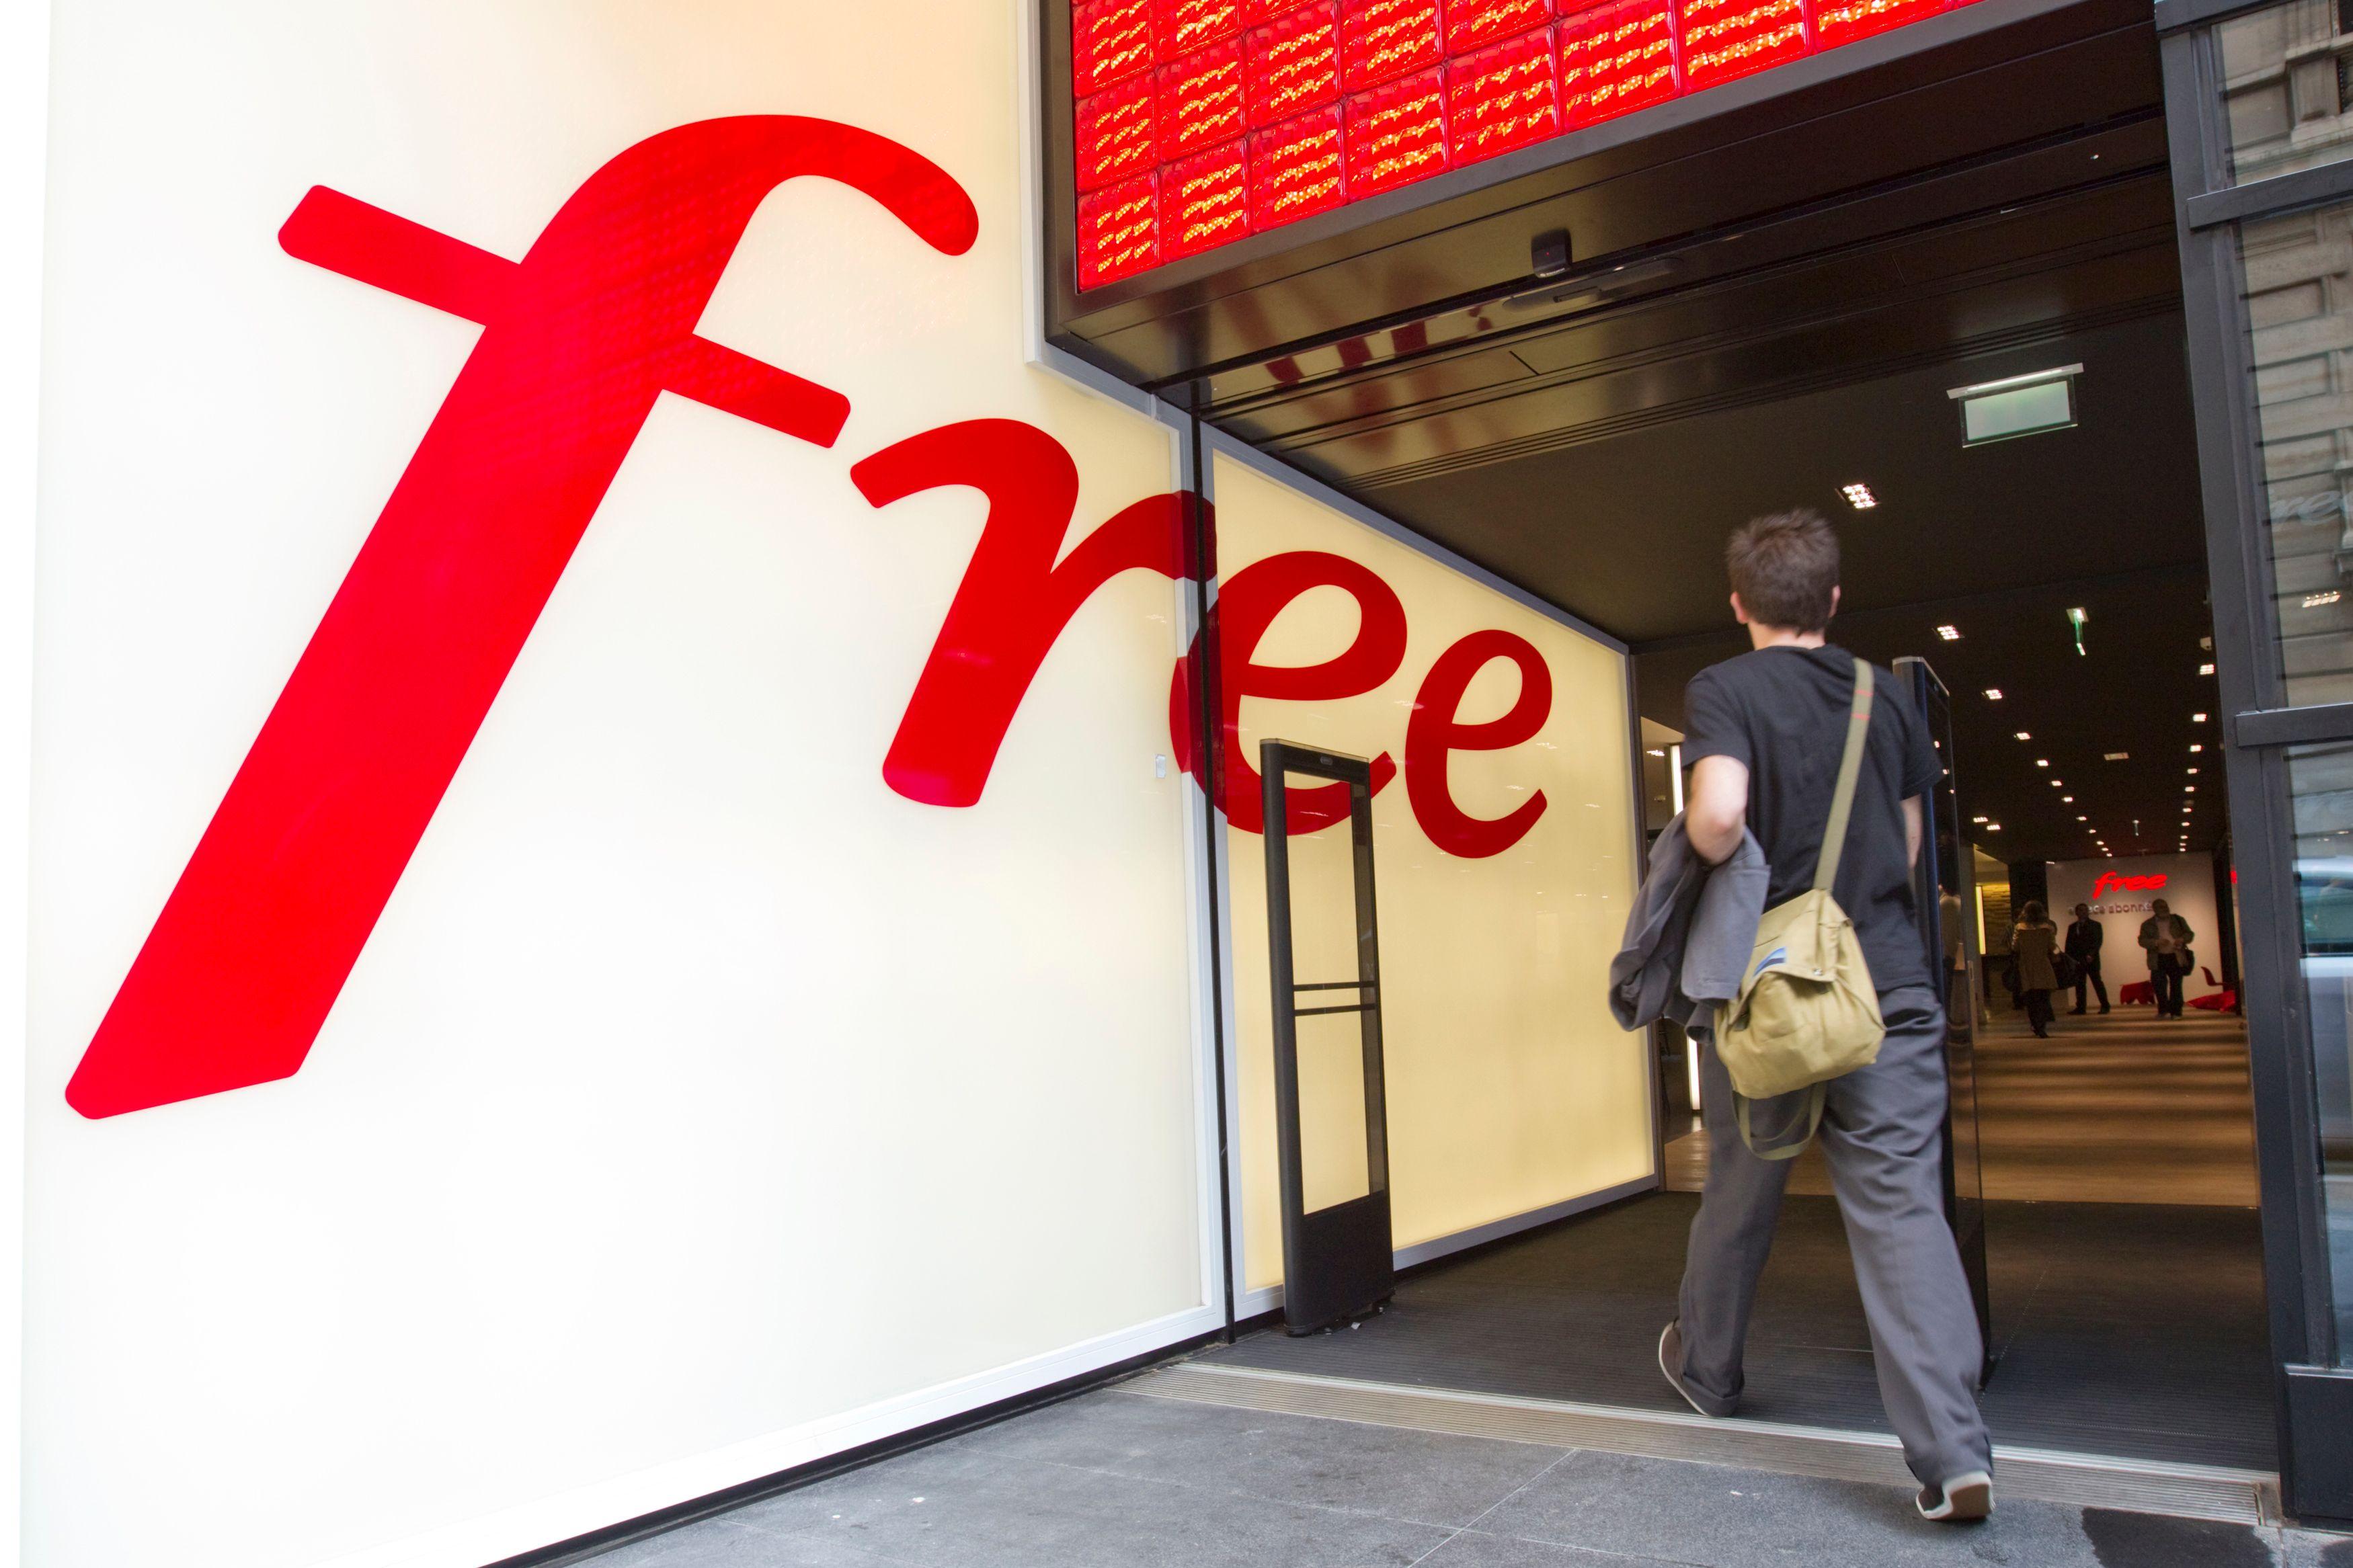 Le forfait à deux euros de Free s'améliore